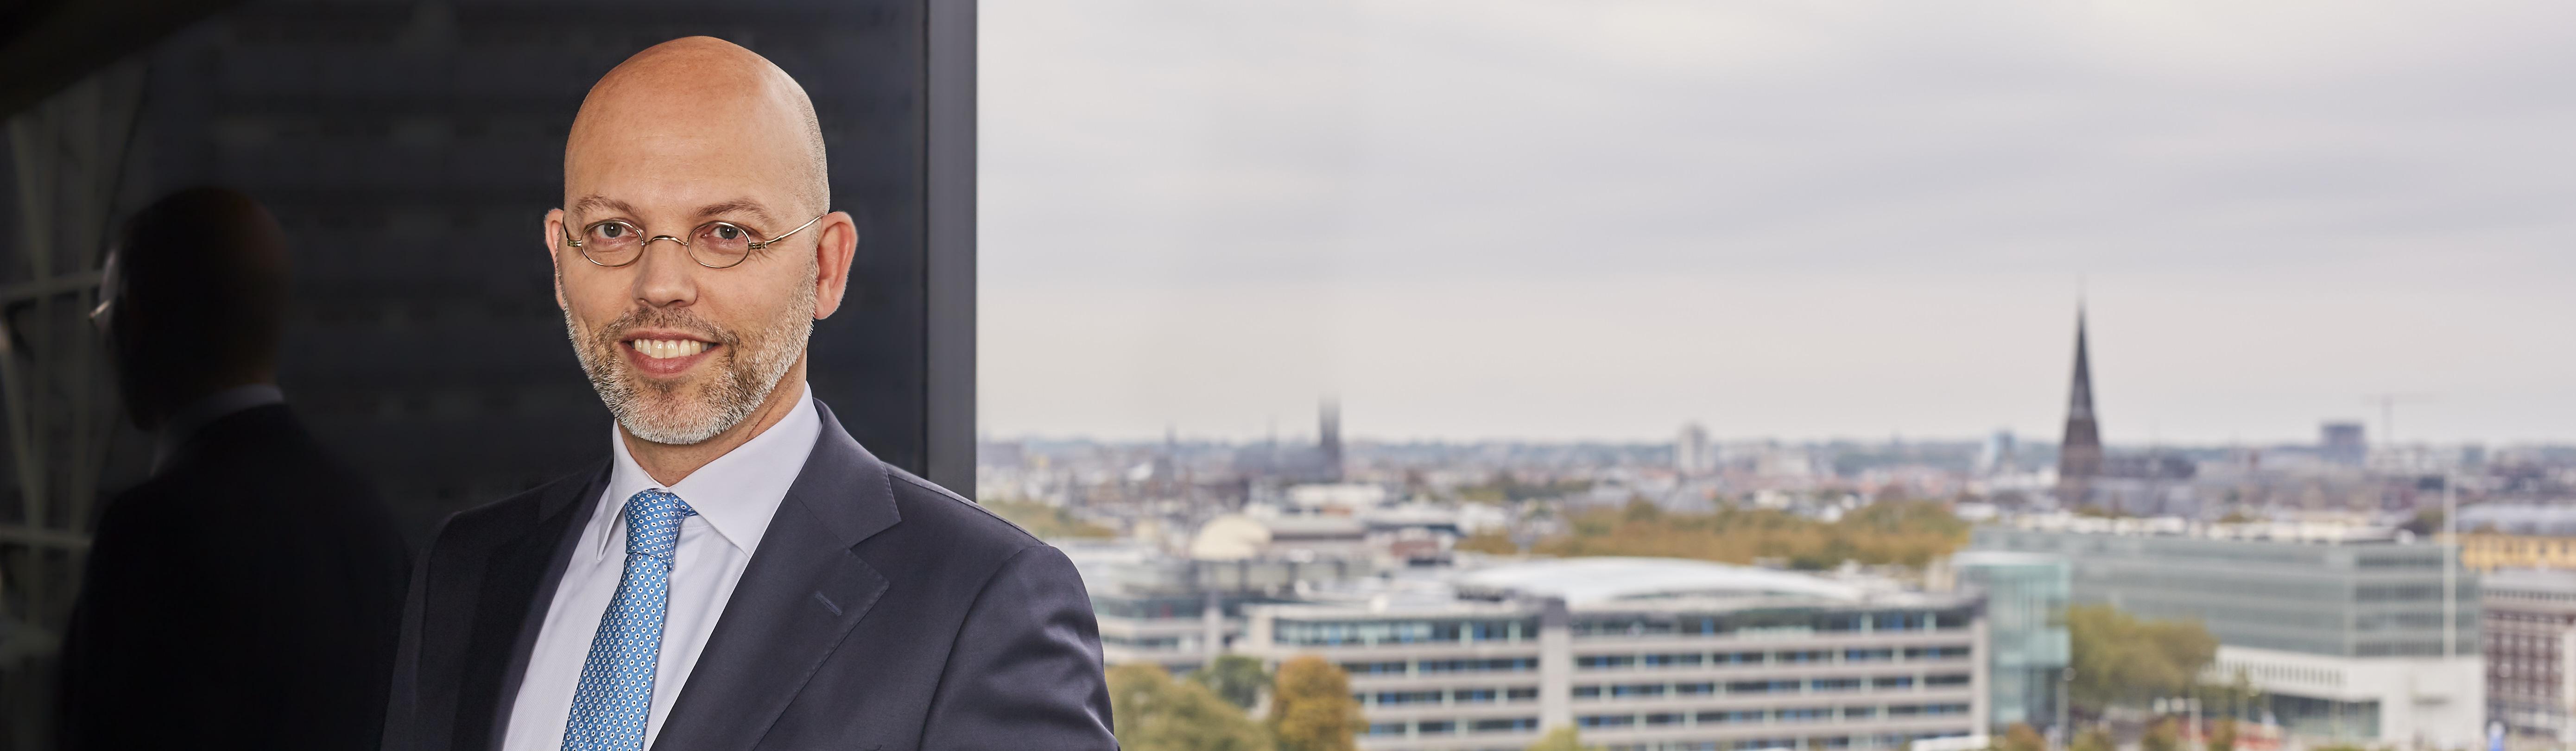 Jaap van der Valk, advocaat Pels Rijcken